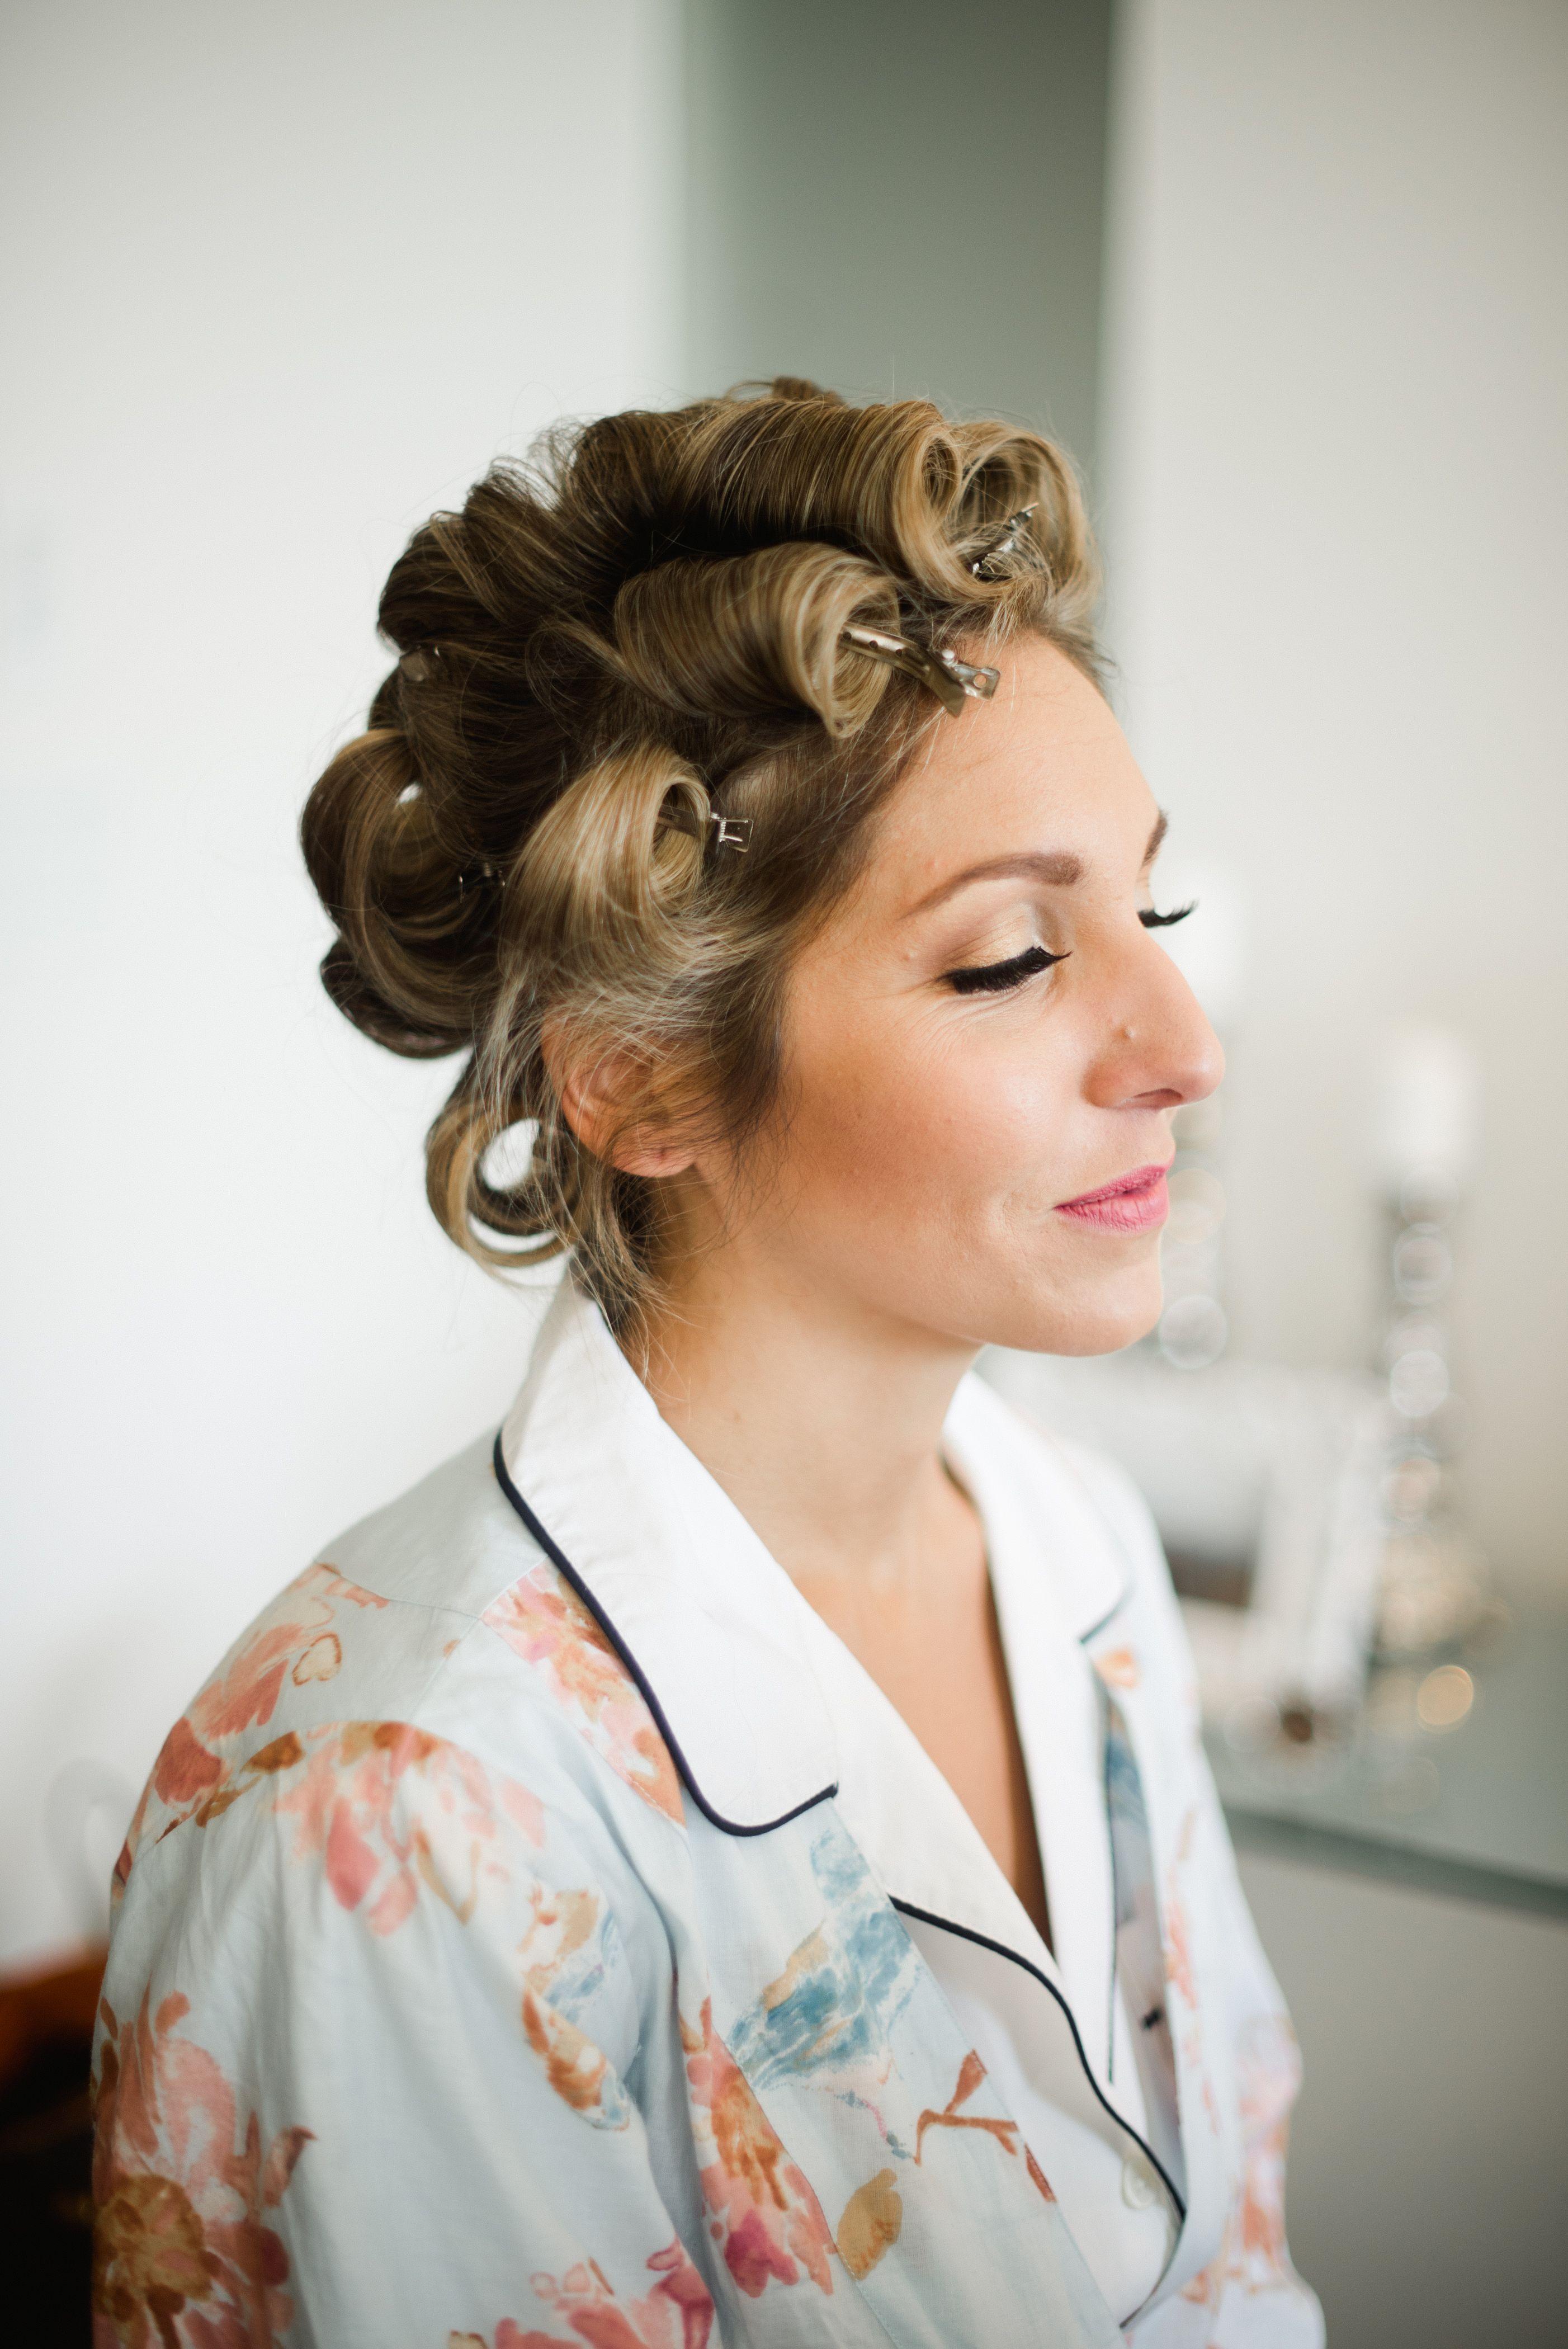 bridal hair and makeup prep. hair and makeup: nadia albano